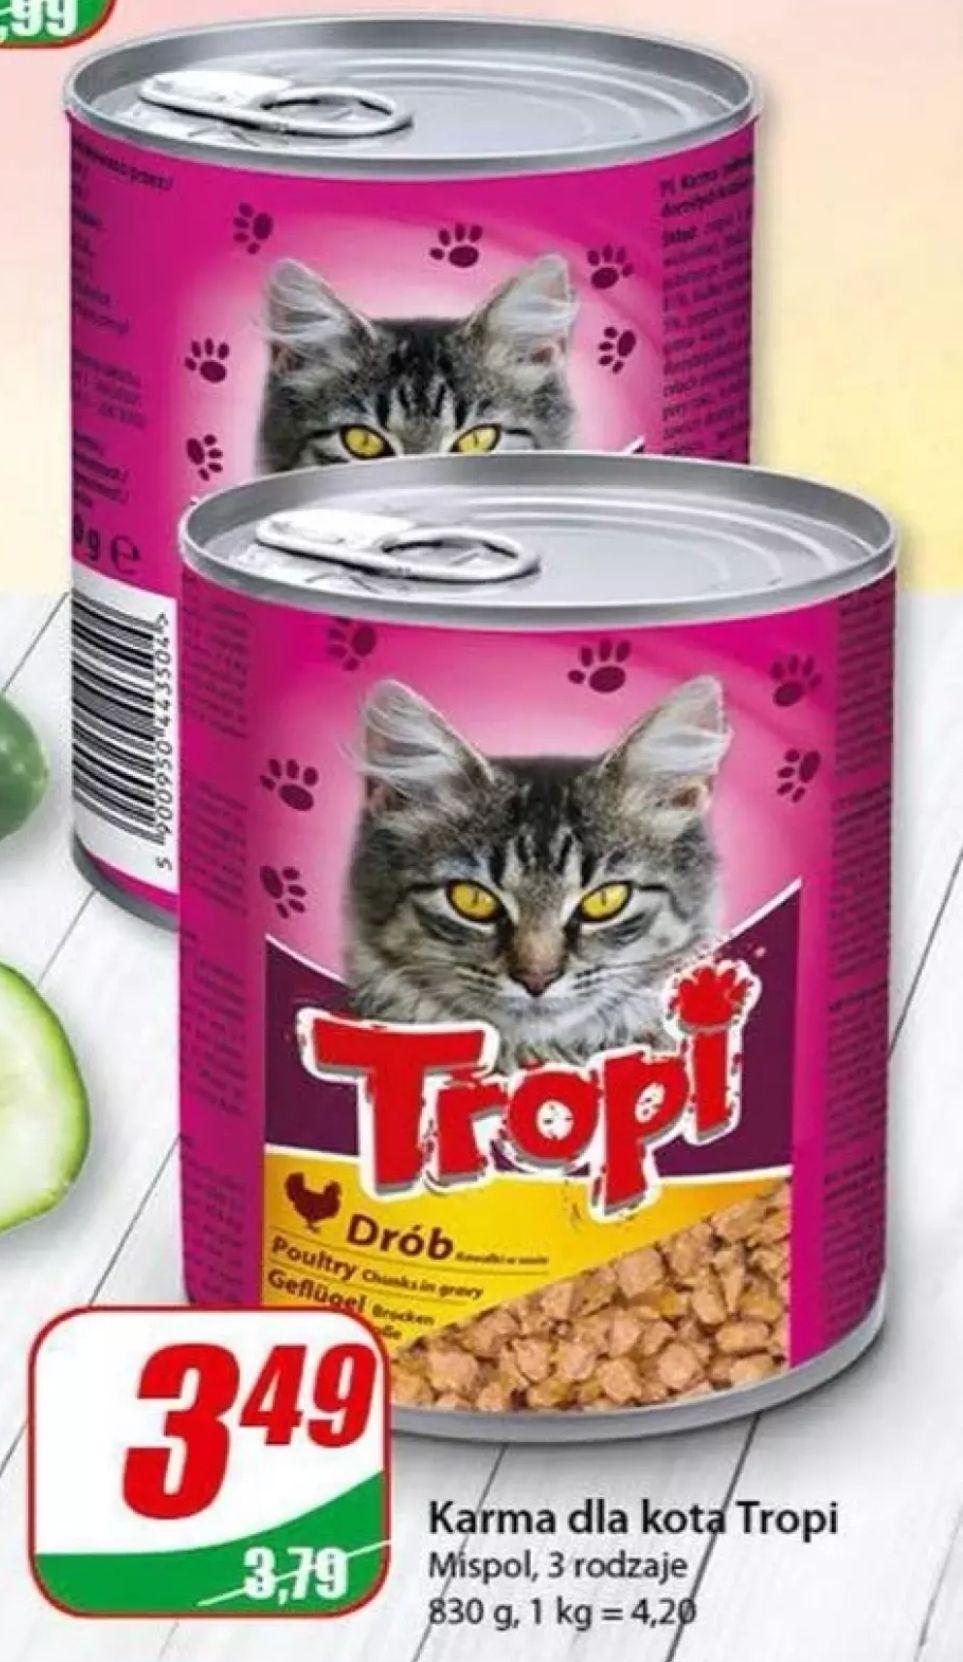 Karma dla kota Tropi w Dino